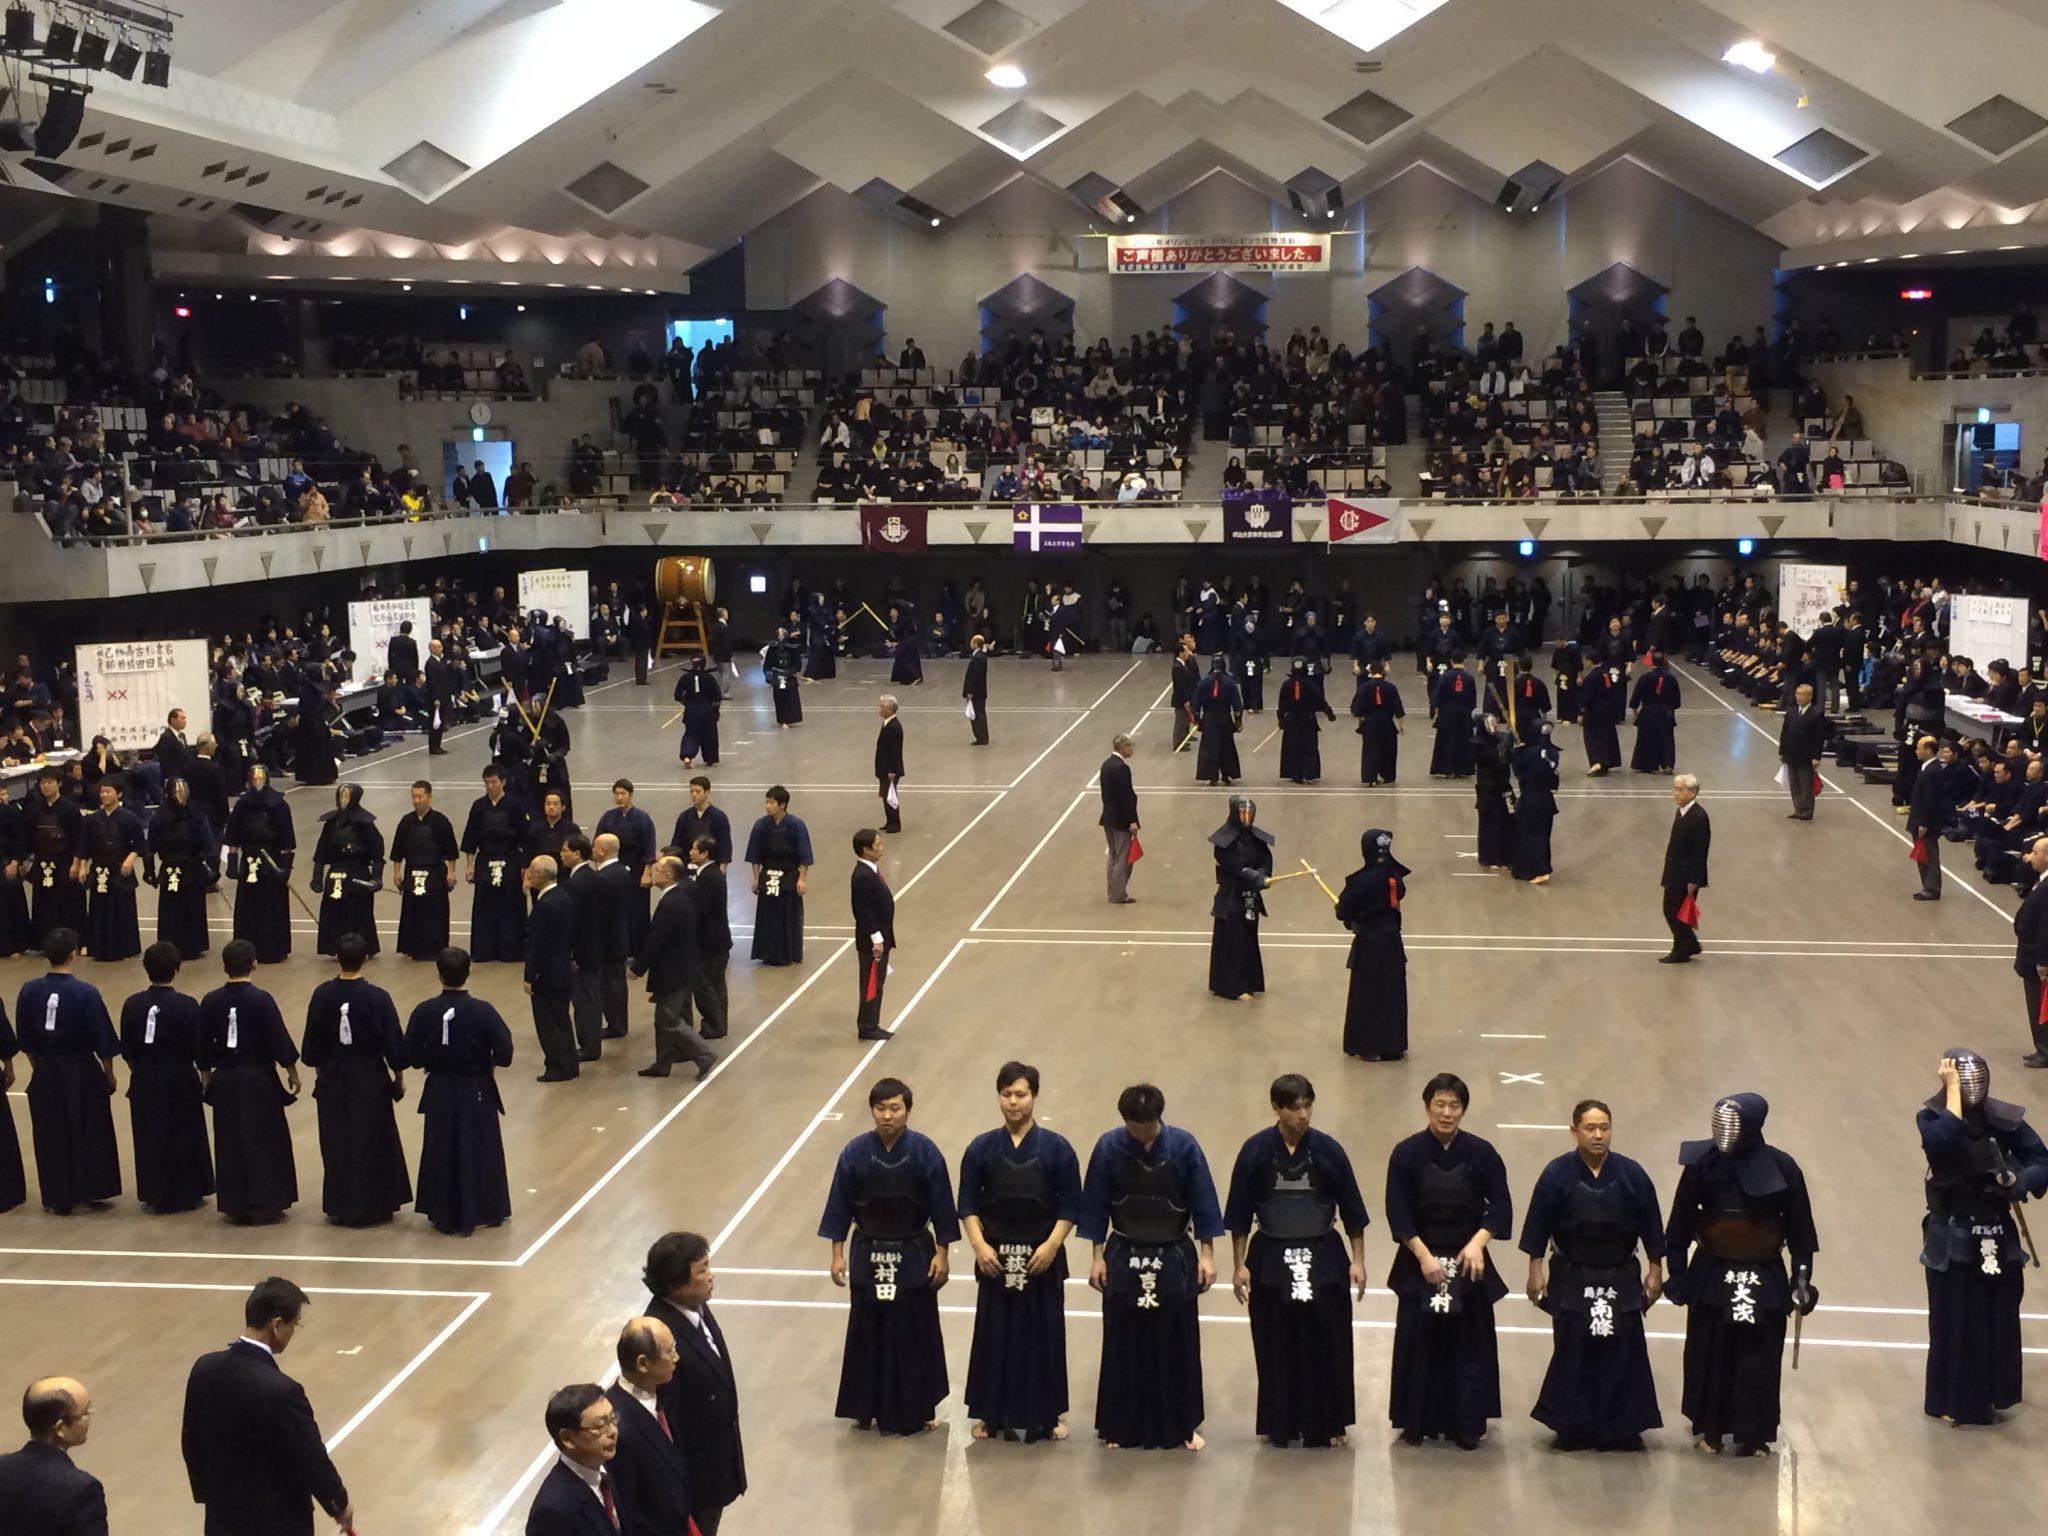 【ご案内】12/17 第28回学連剣友剣道大会 組み合わせ